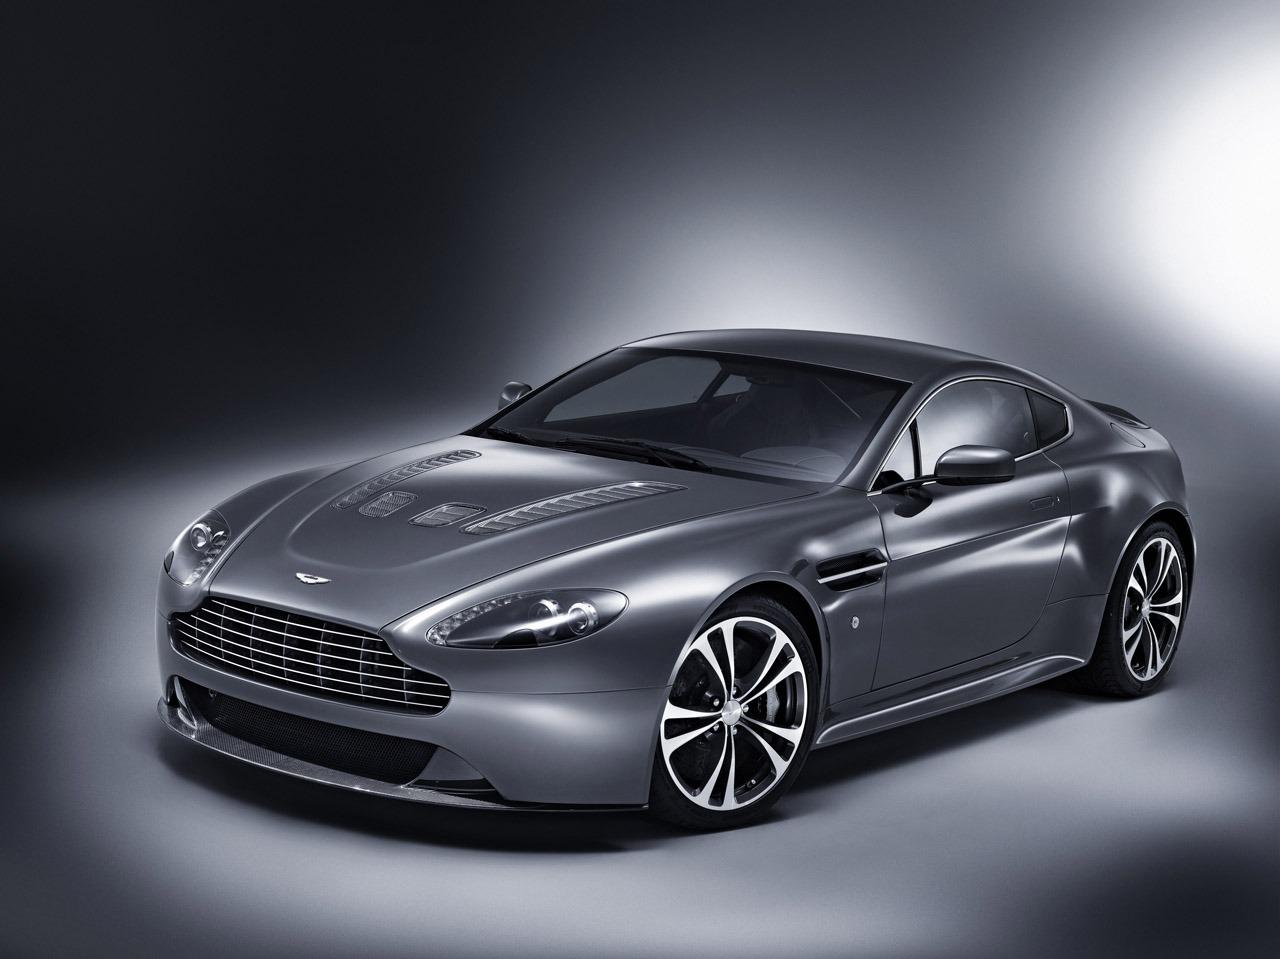 Aston Martin Vantage 2015 Photo - 1